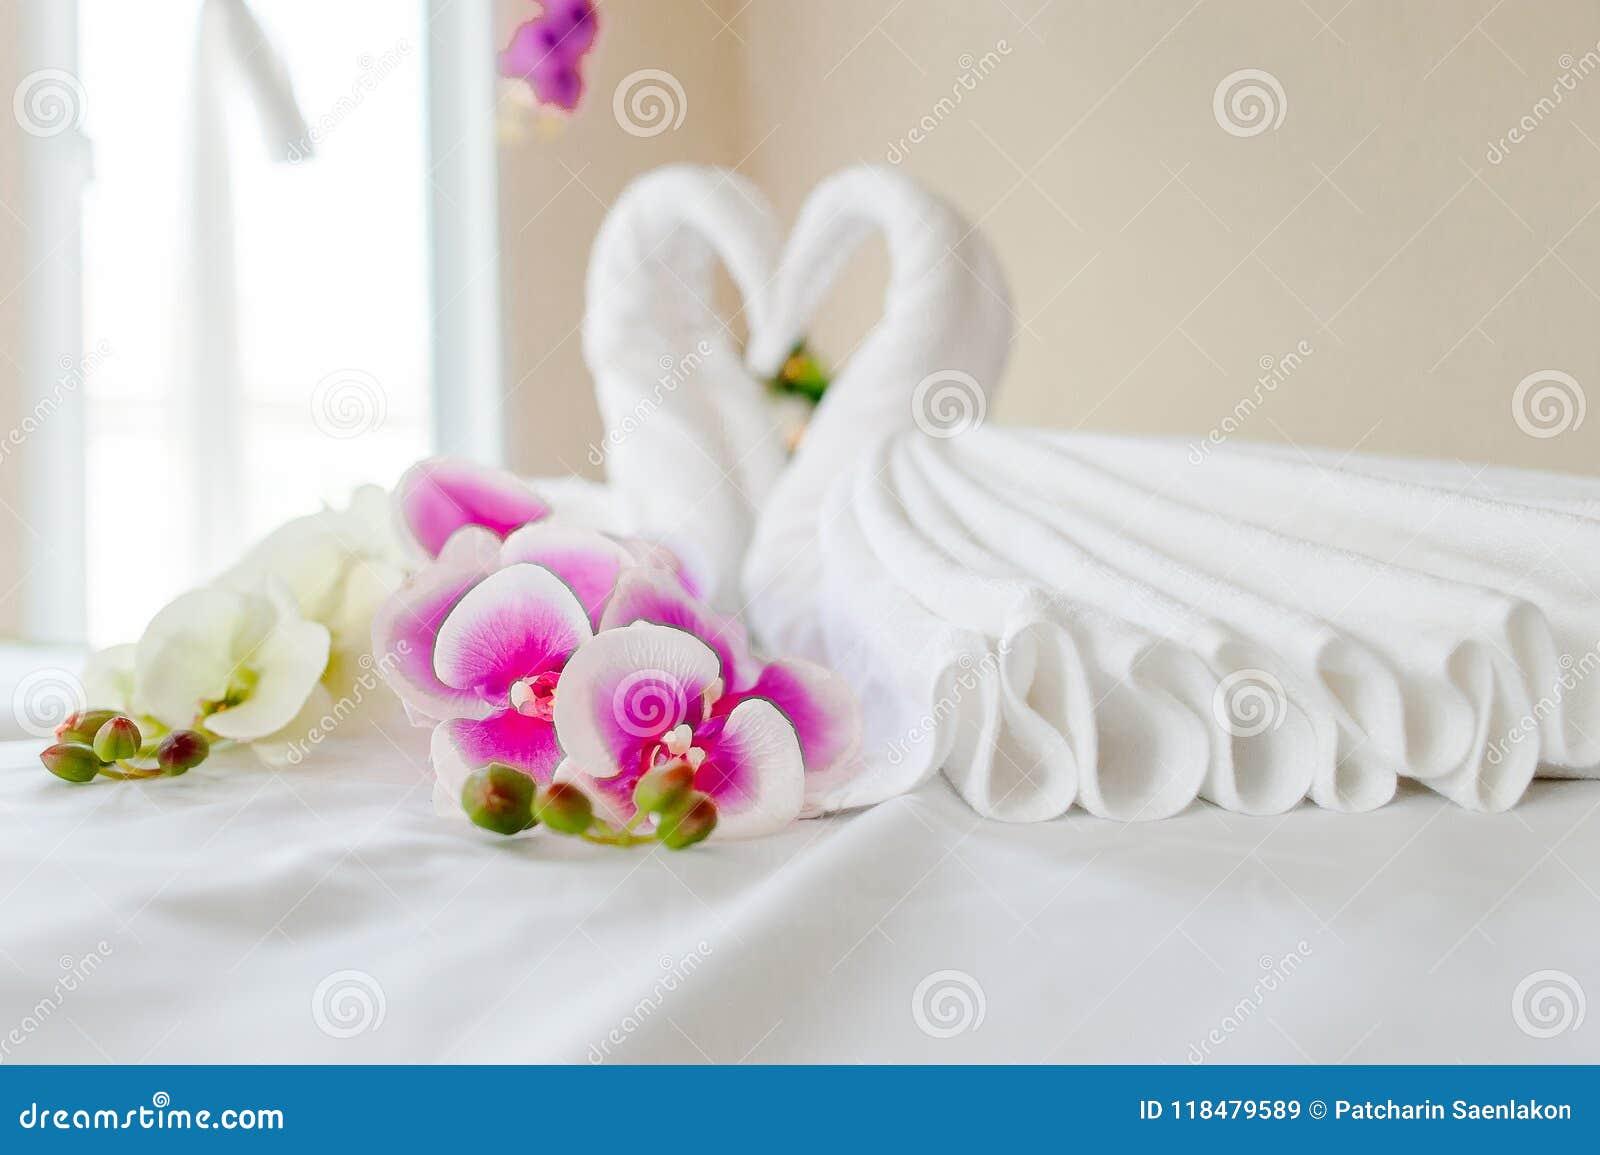 Spa och hälsovård med blommor och handdukar Naturprodukter till